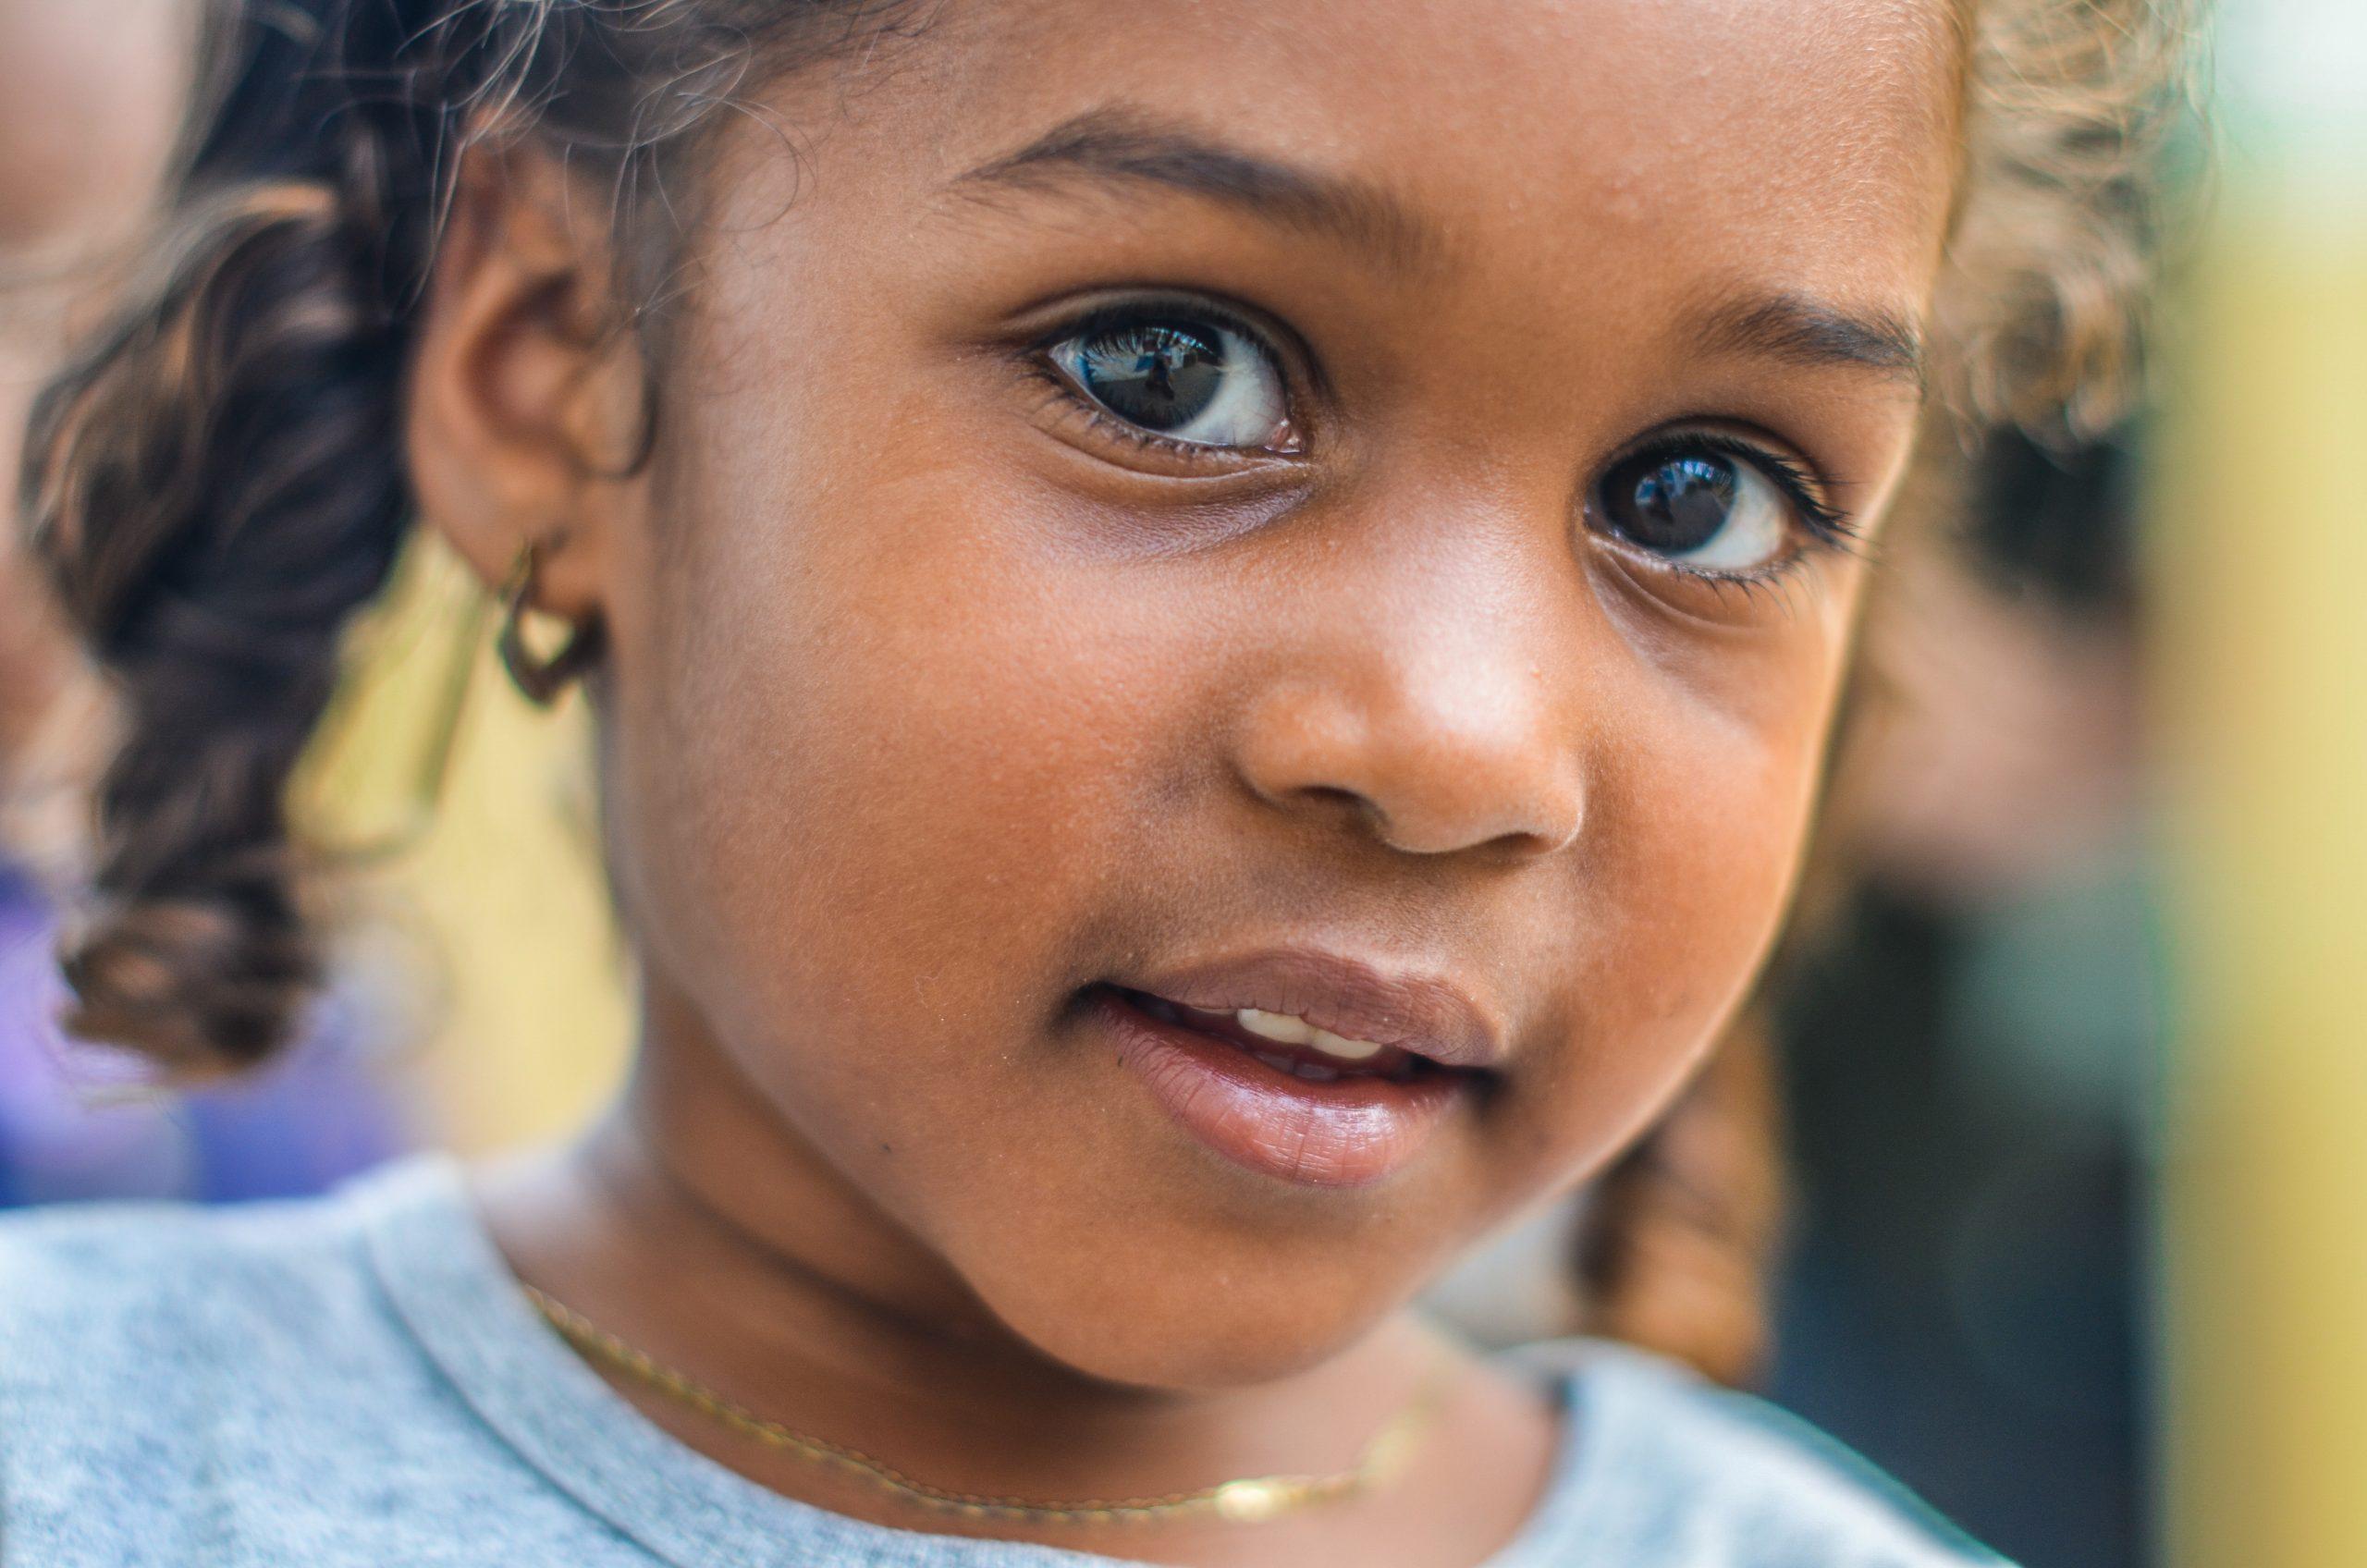 Questo è l'unico progetto che può salvare tanti bambini dalla vita di strada e dare loro un futuro